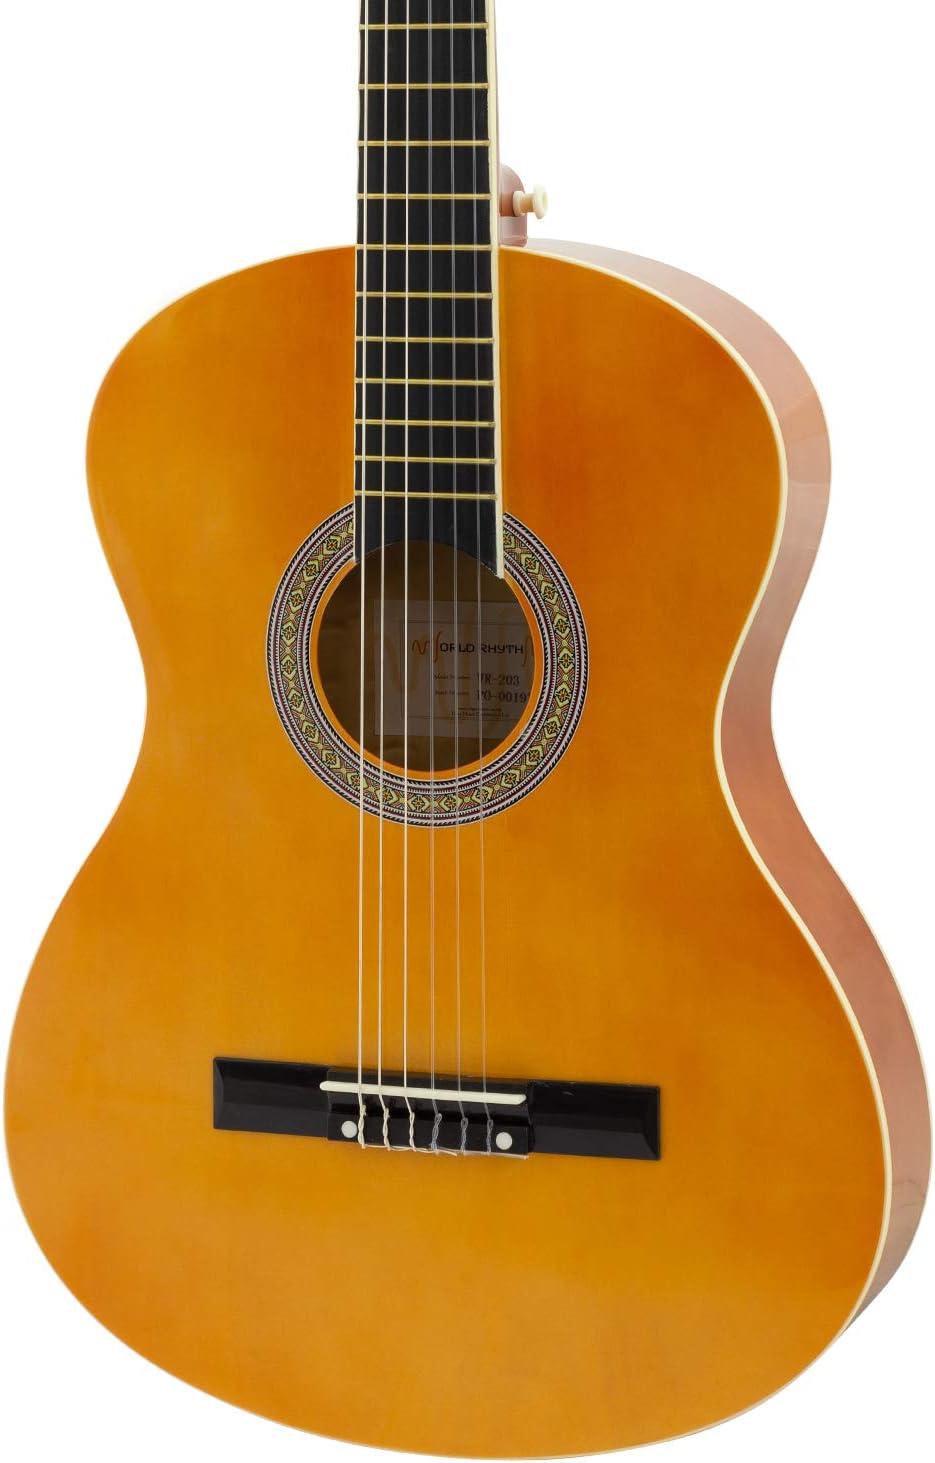 World Rhythm - Guitarra clásica 4/4, Guitarra española natural para principiantes, tamaño completo, para niños mayores de 12 años